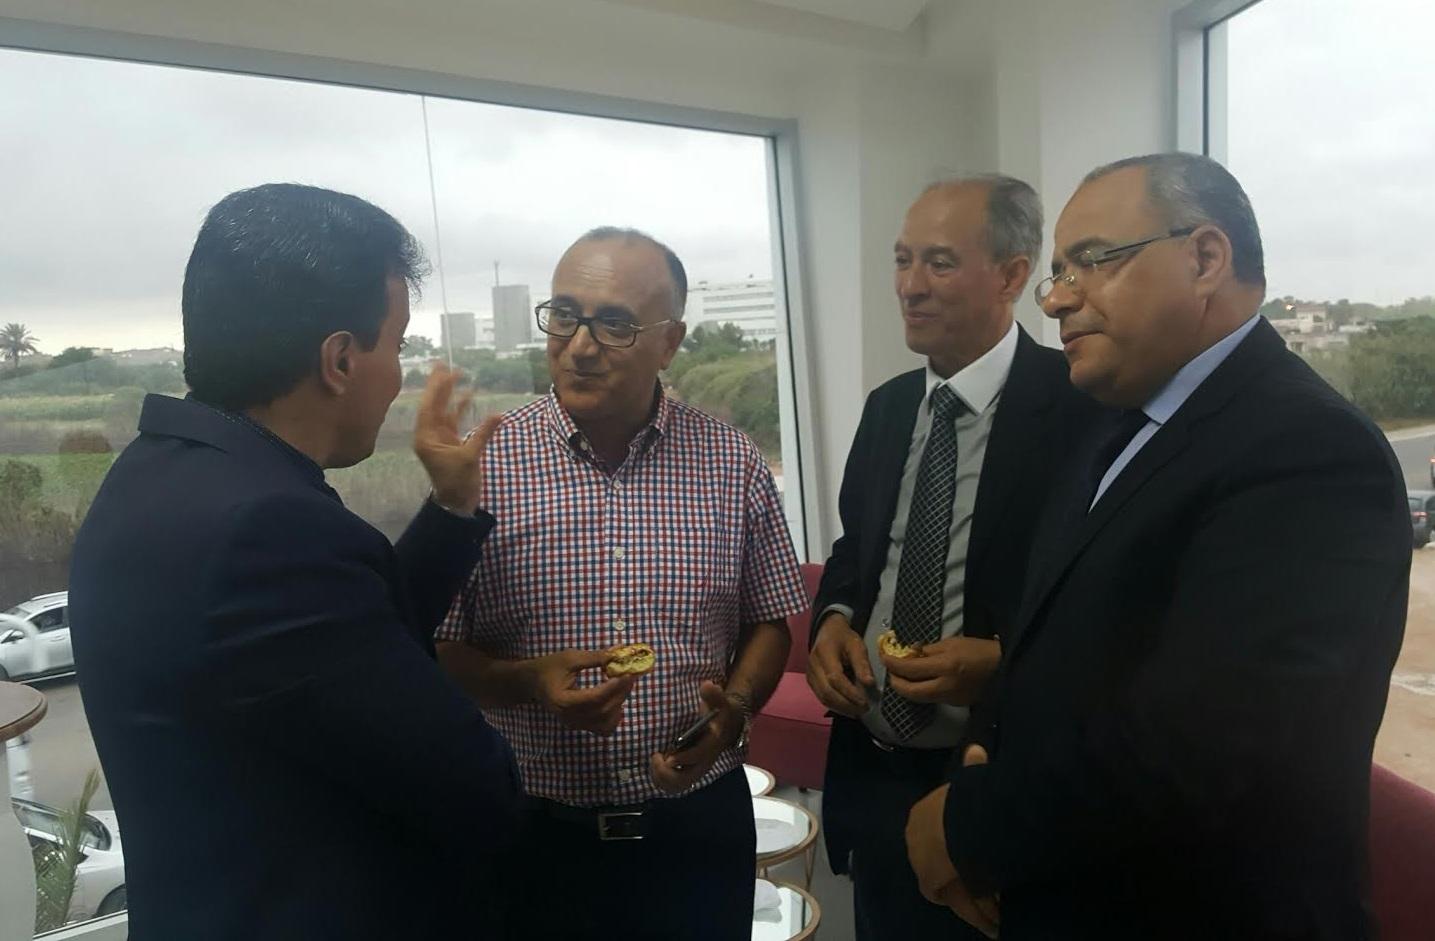 بالصور.. باشا الجديدة يشرف على تدشين المقر الجديد لمختبر التحليلات الطبية بنشكشو